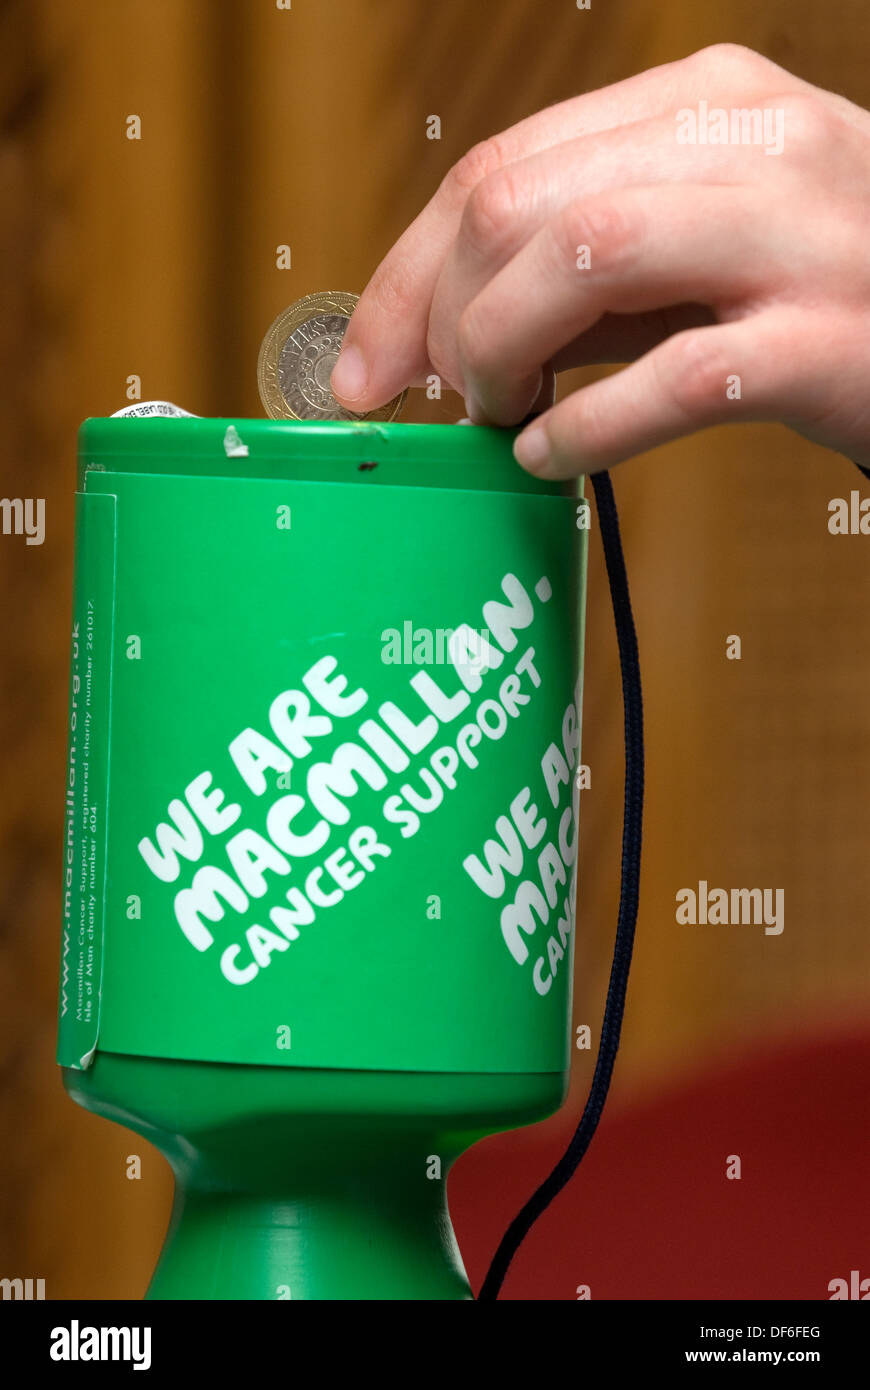 Eine £2 Spende Krebs unterstützen, Surrey zu Macmillan, UK. Stockbild